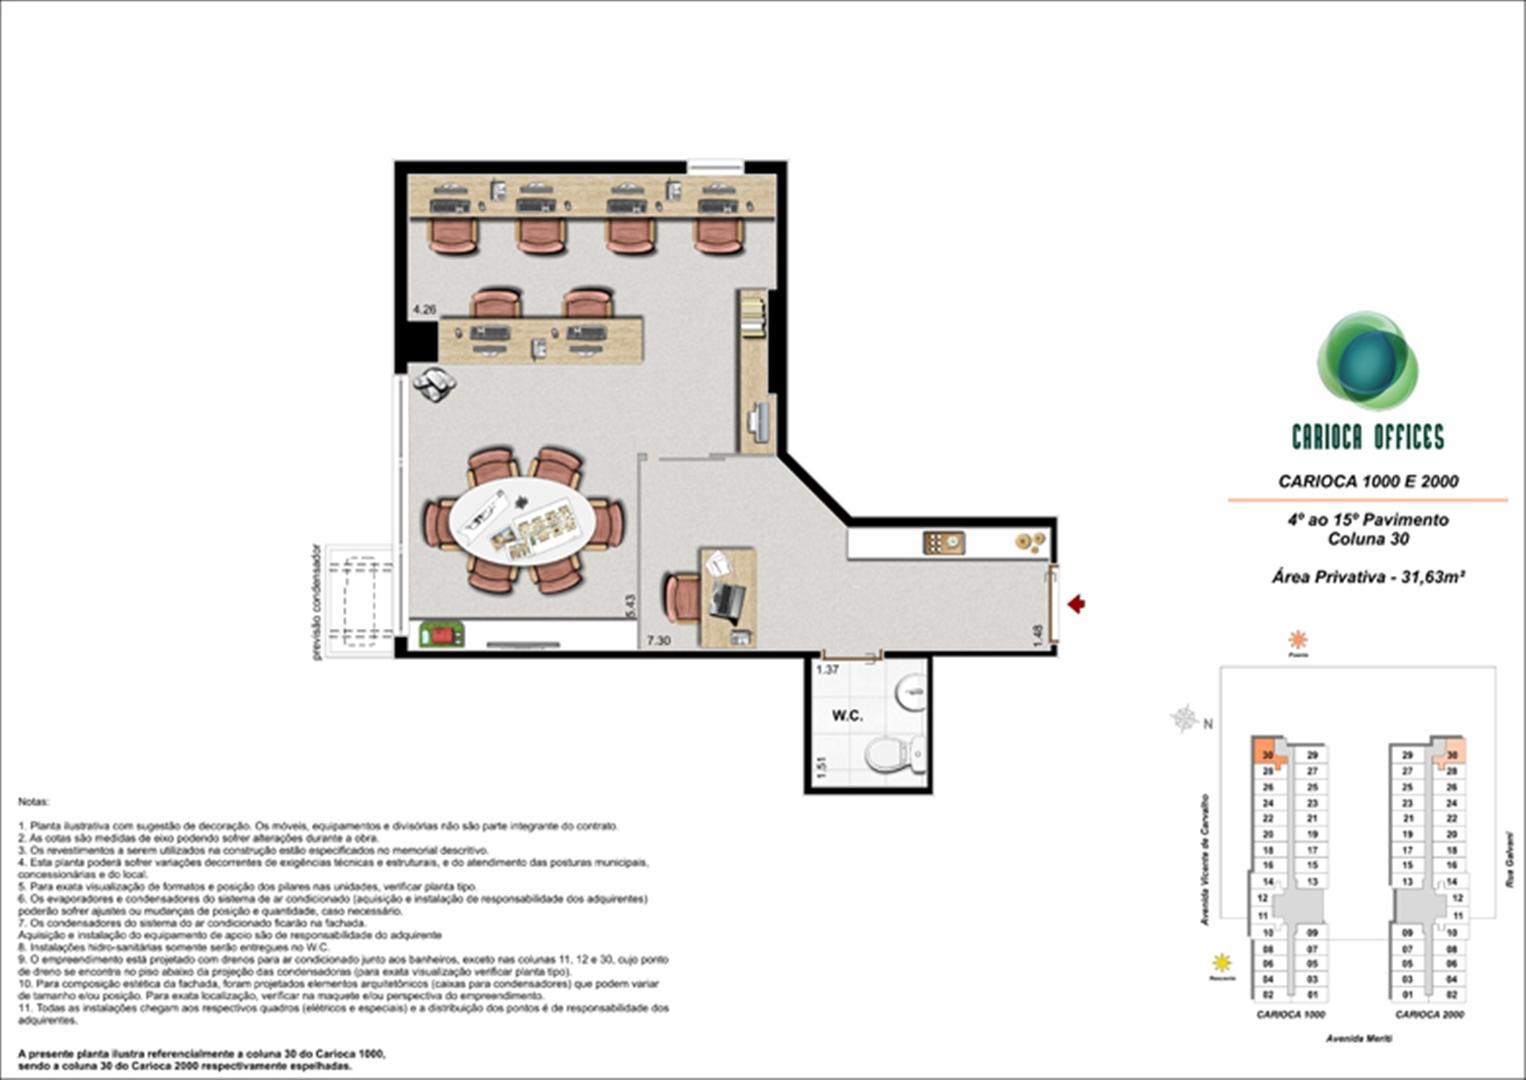 Carioca 1000 e 2000 - Coluna 30 - 4º ao 15º Pavimento | Carioca Offices – Salas Comerciais na  Vila da Penha - Rio de Janeiro - Rio de Janeiro